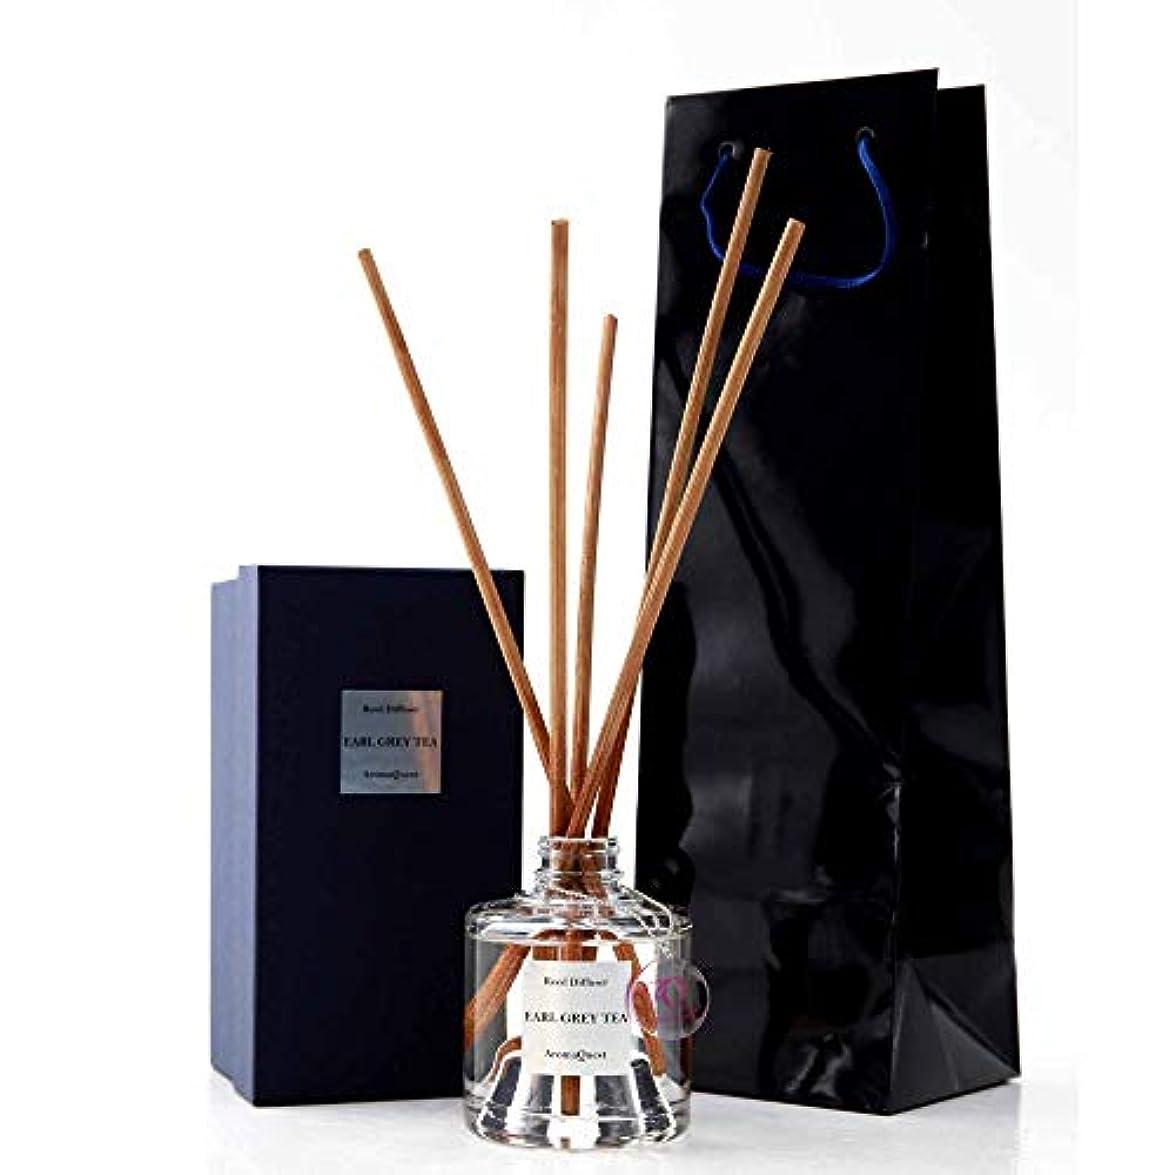 脊椎すみませんリダクタールームフレグランス リードディフューザー アロマディフューザー 150ml アールグレイティー EARL GREY TEA 紅茶の香り